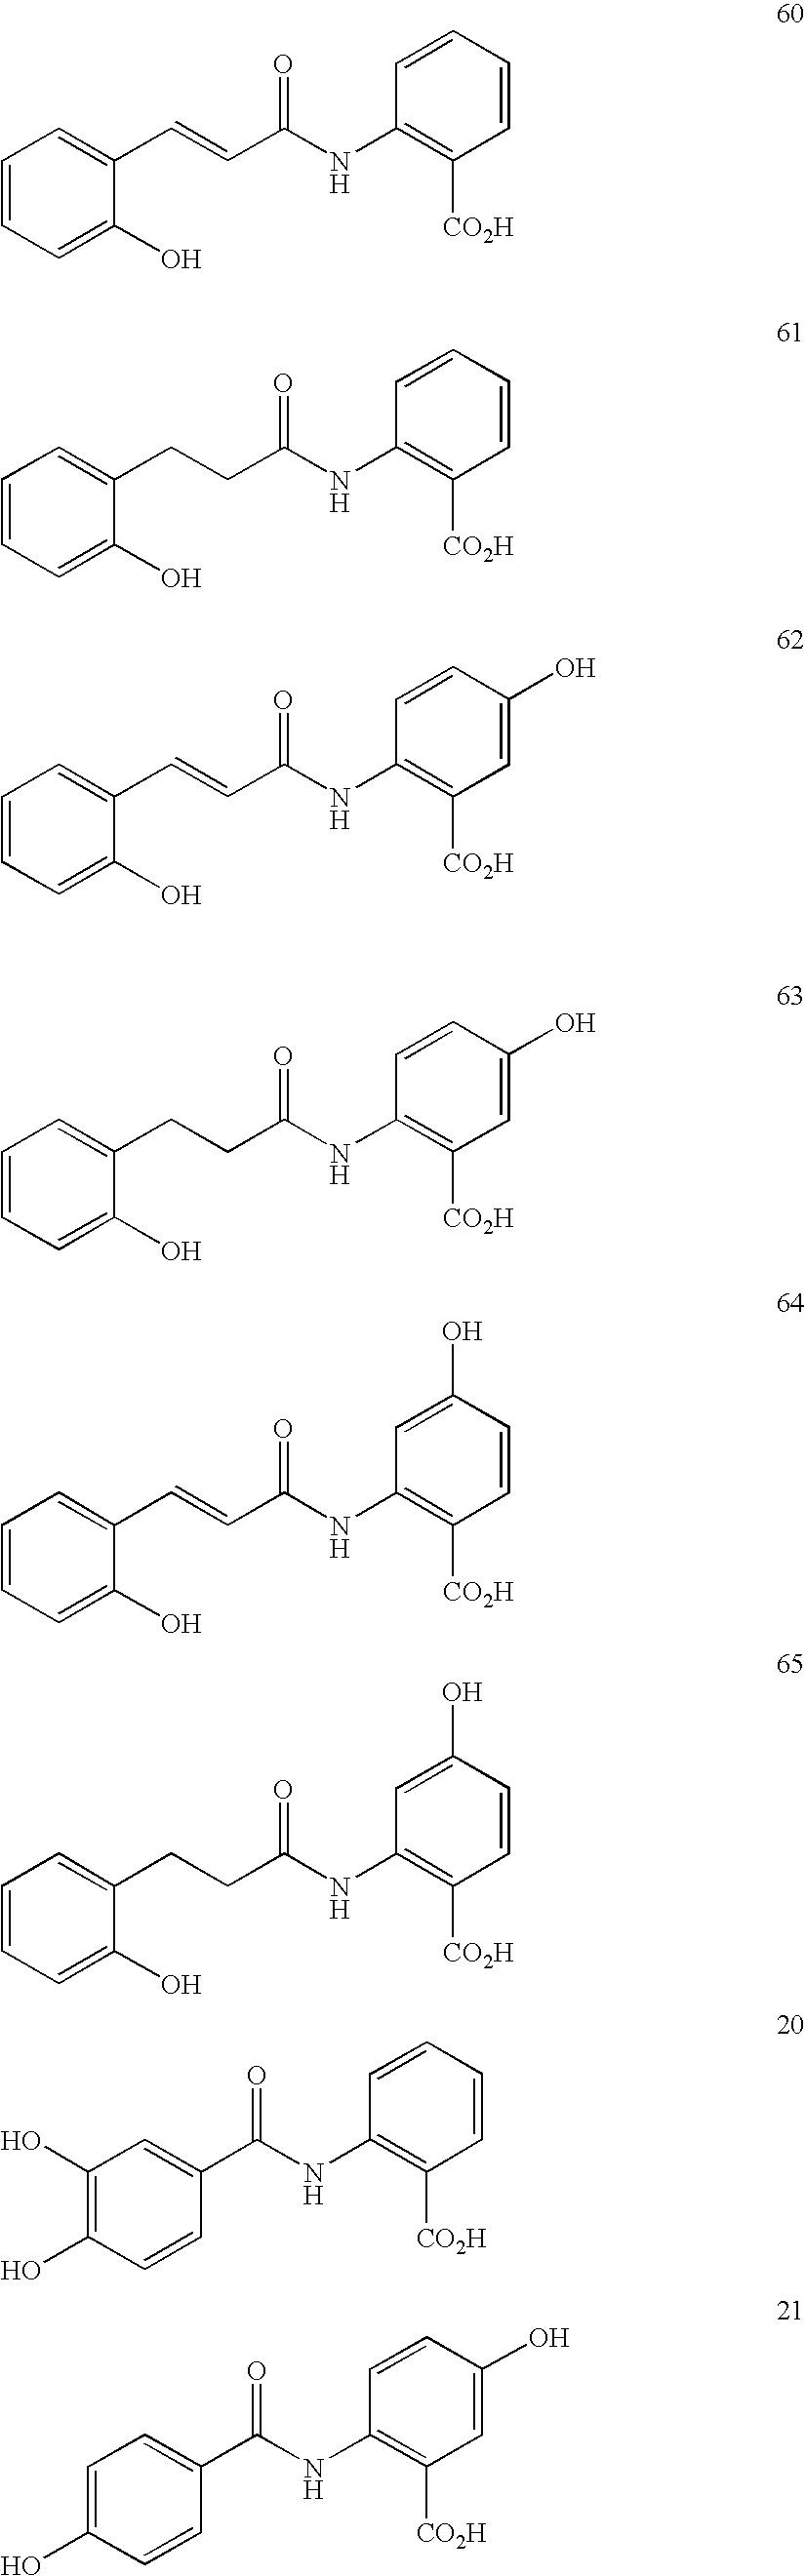 Figure US20080008660A1-20080110-C00013